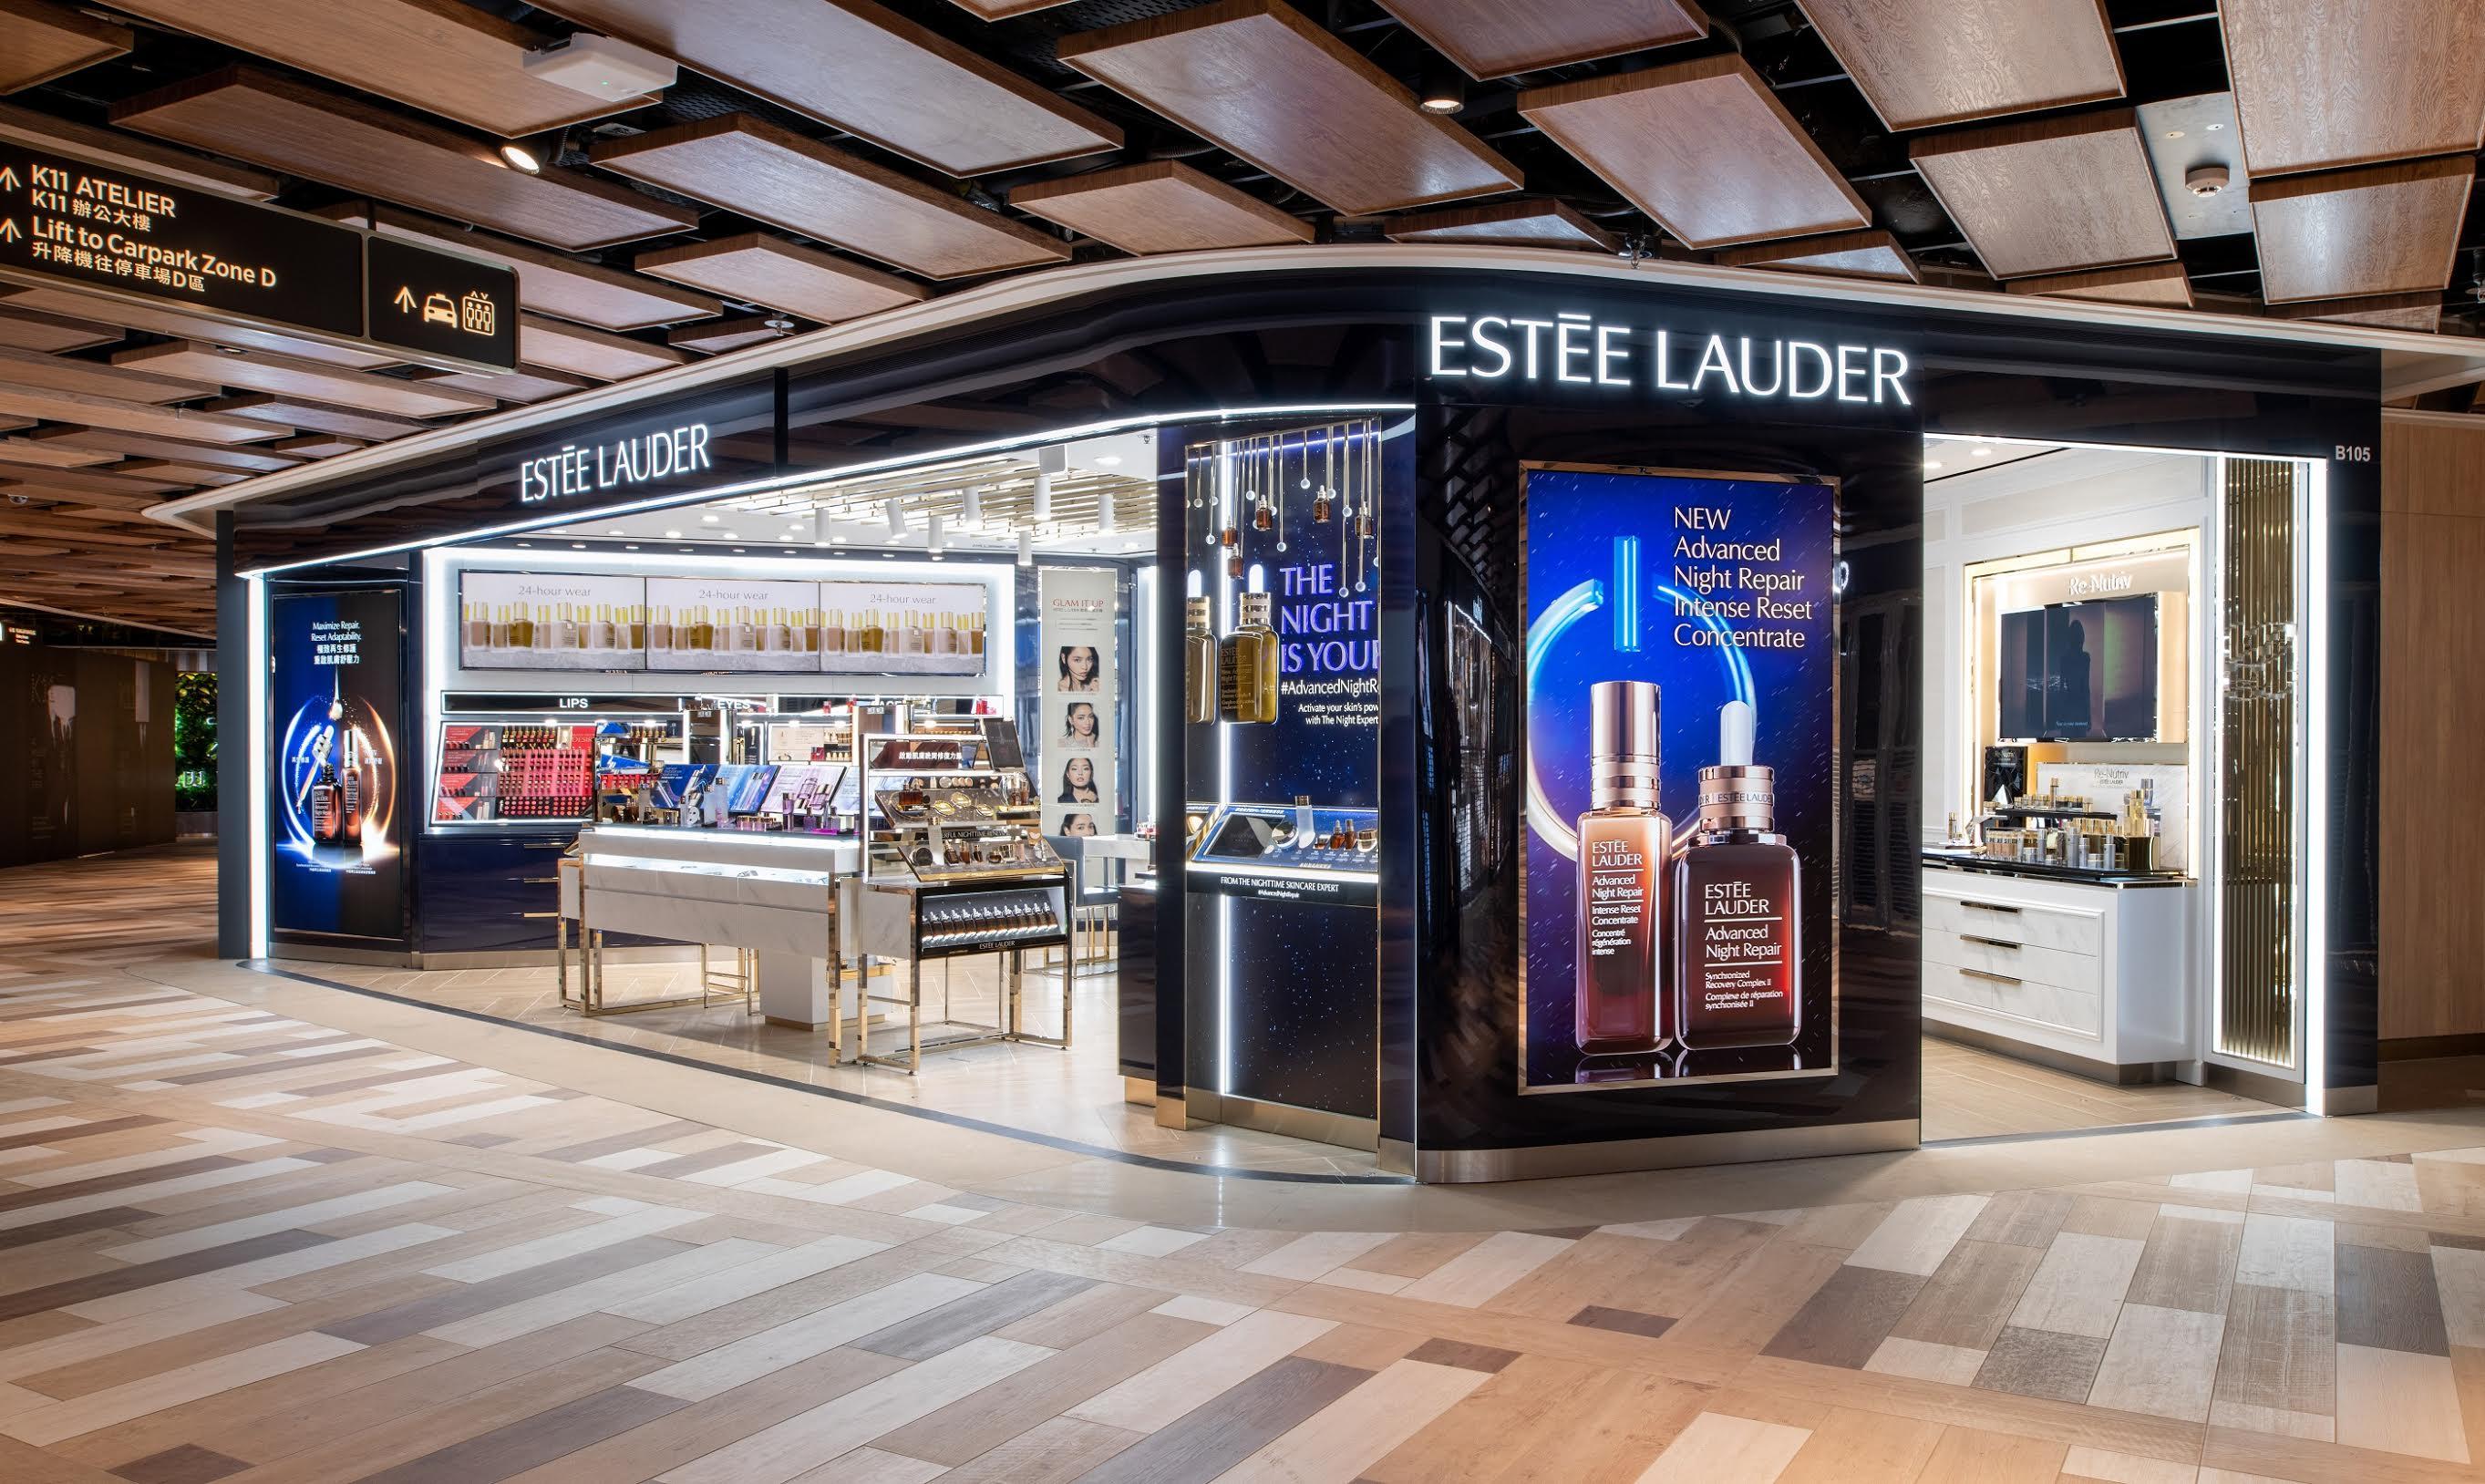 Estee Lauder new retail concept 2019